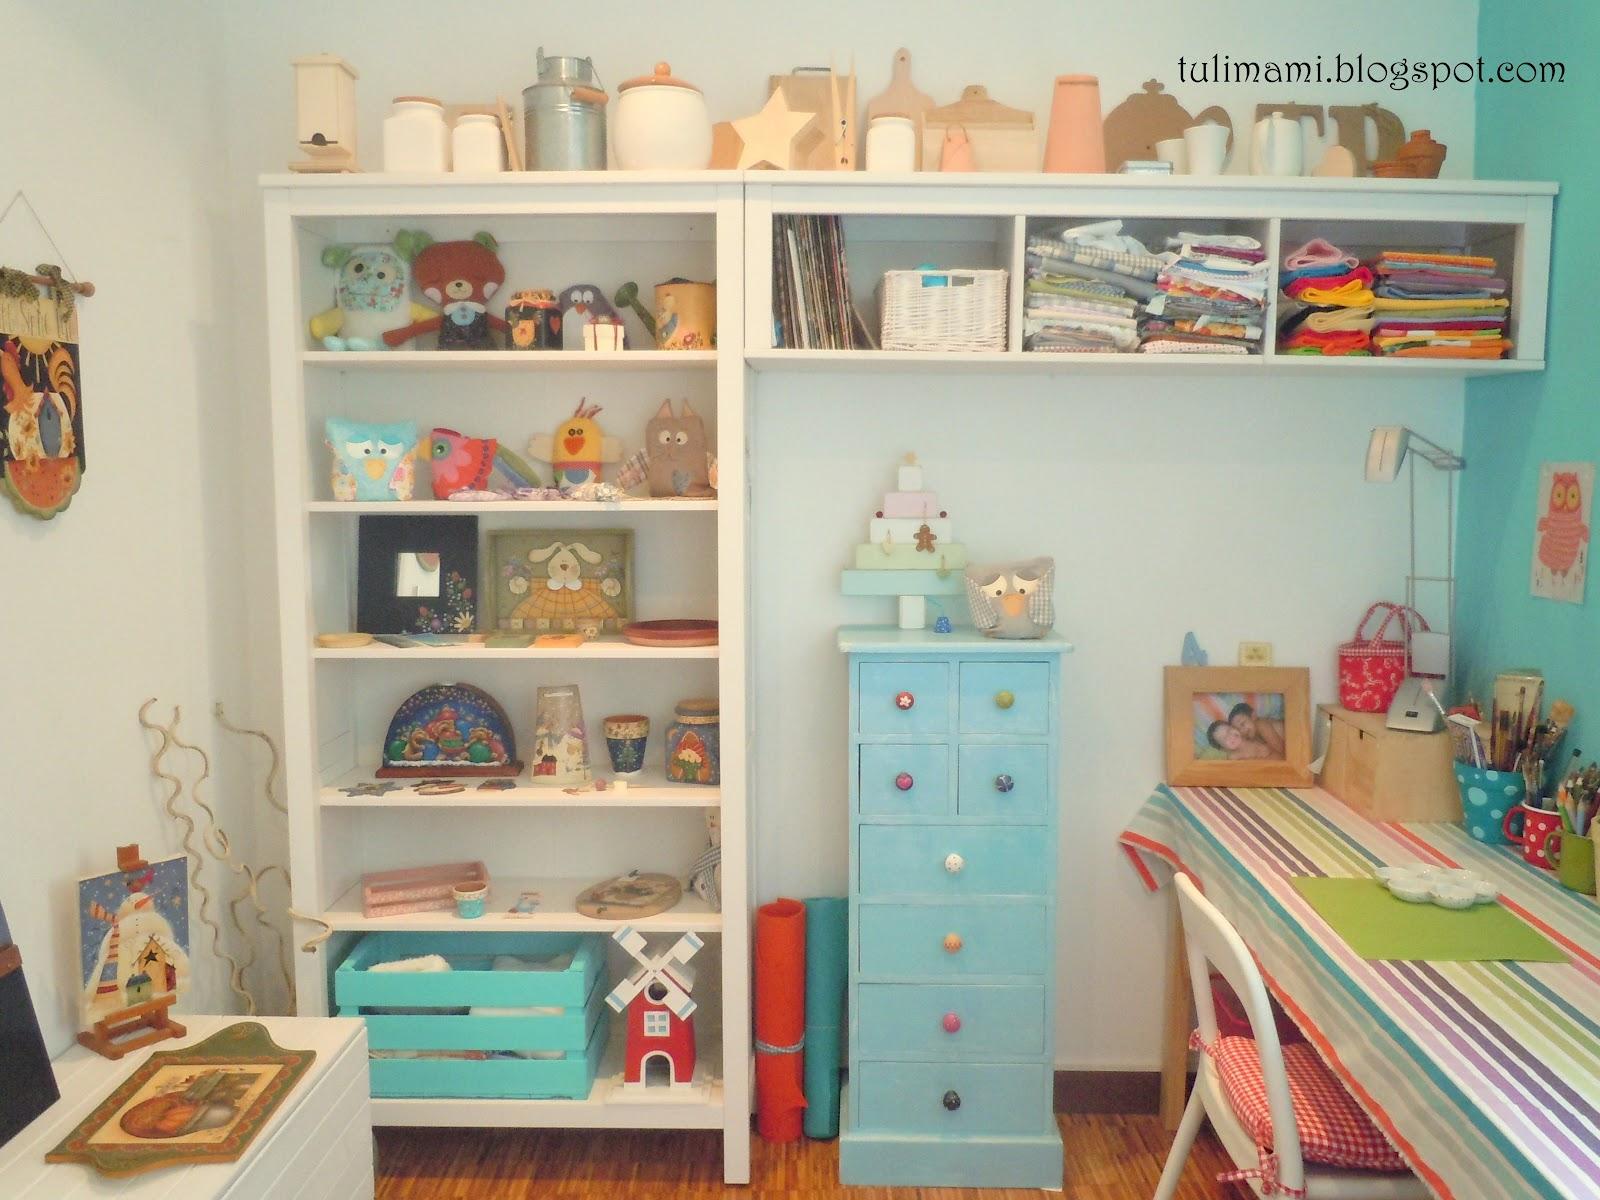 L 39 angolo di casa mia che amo di pi la craft room tulimami - I mobili di luca ...